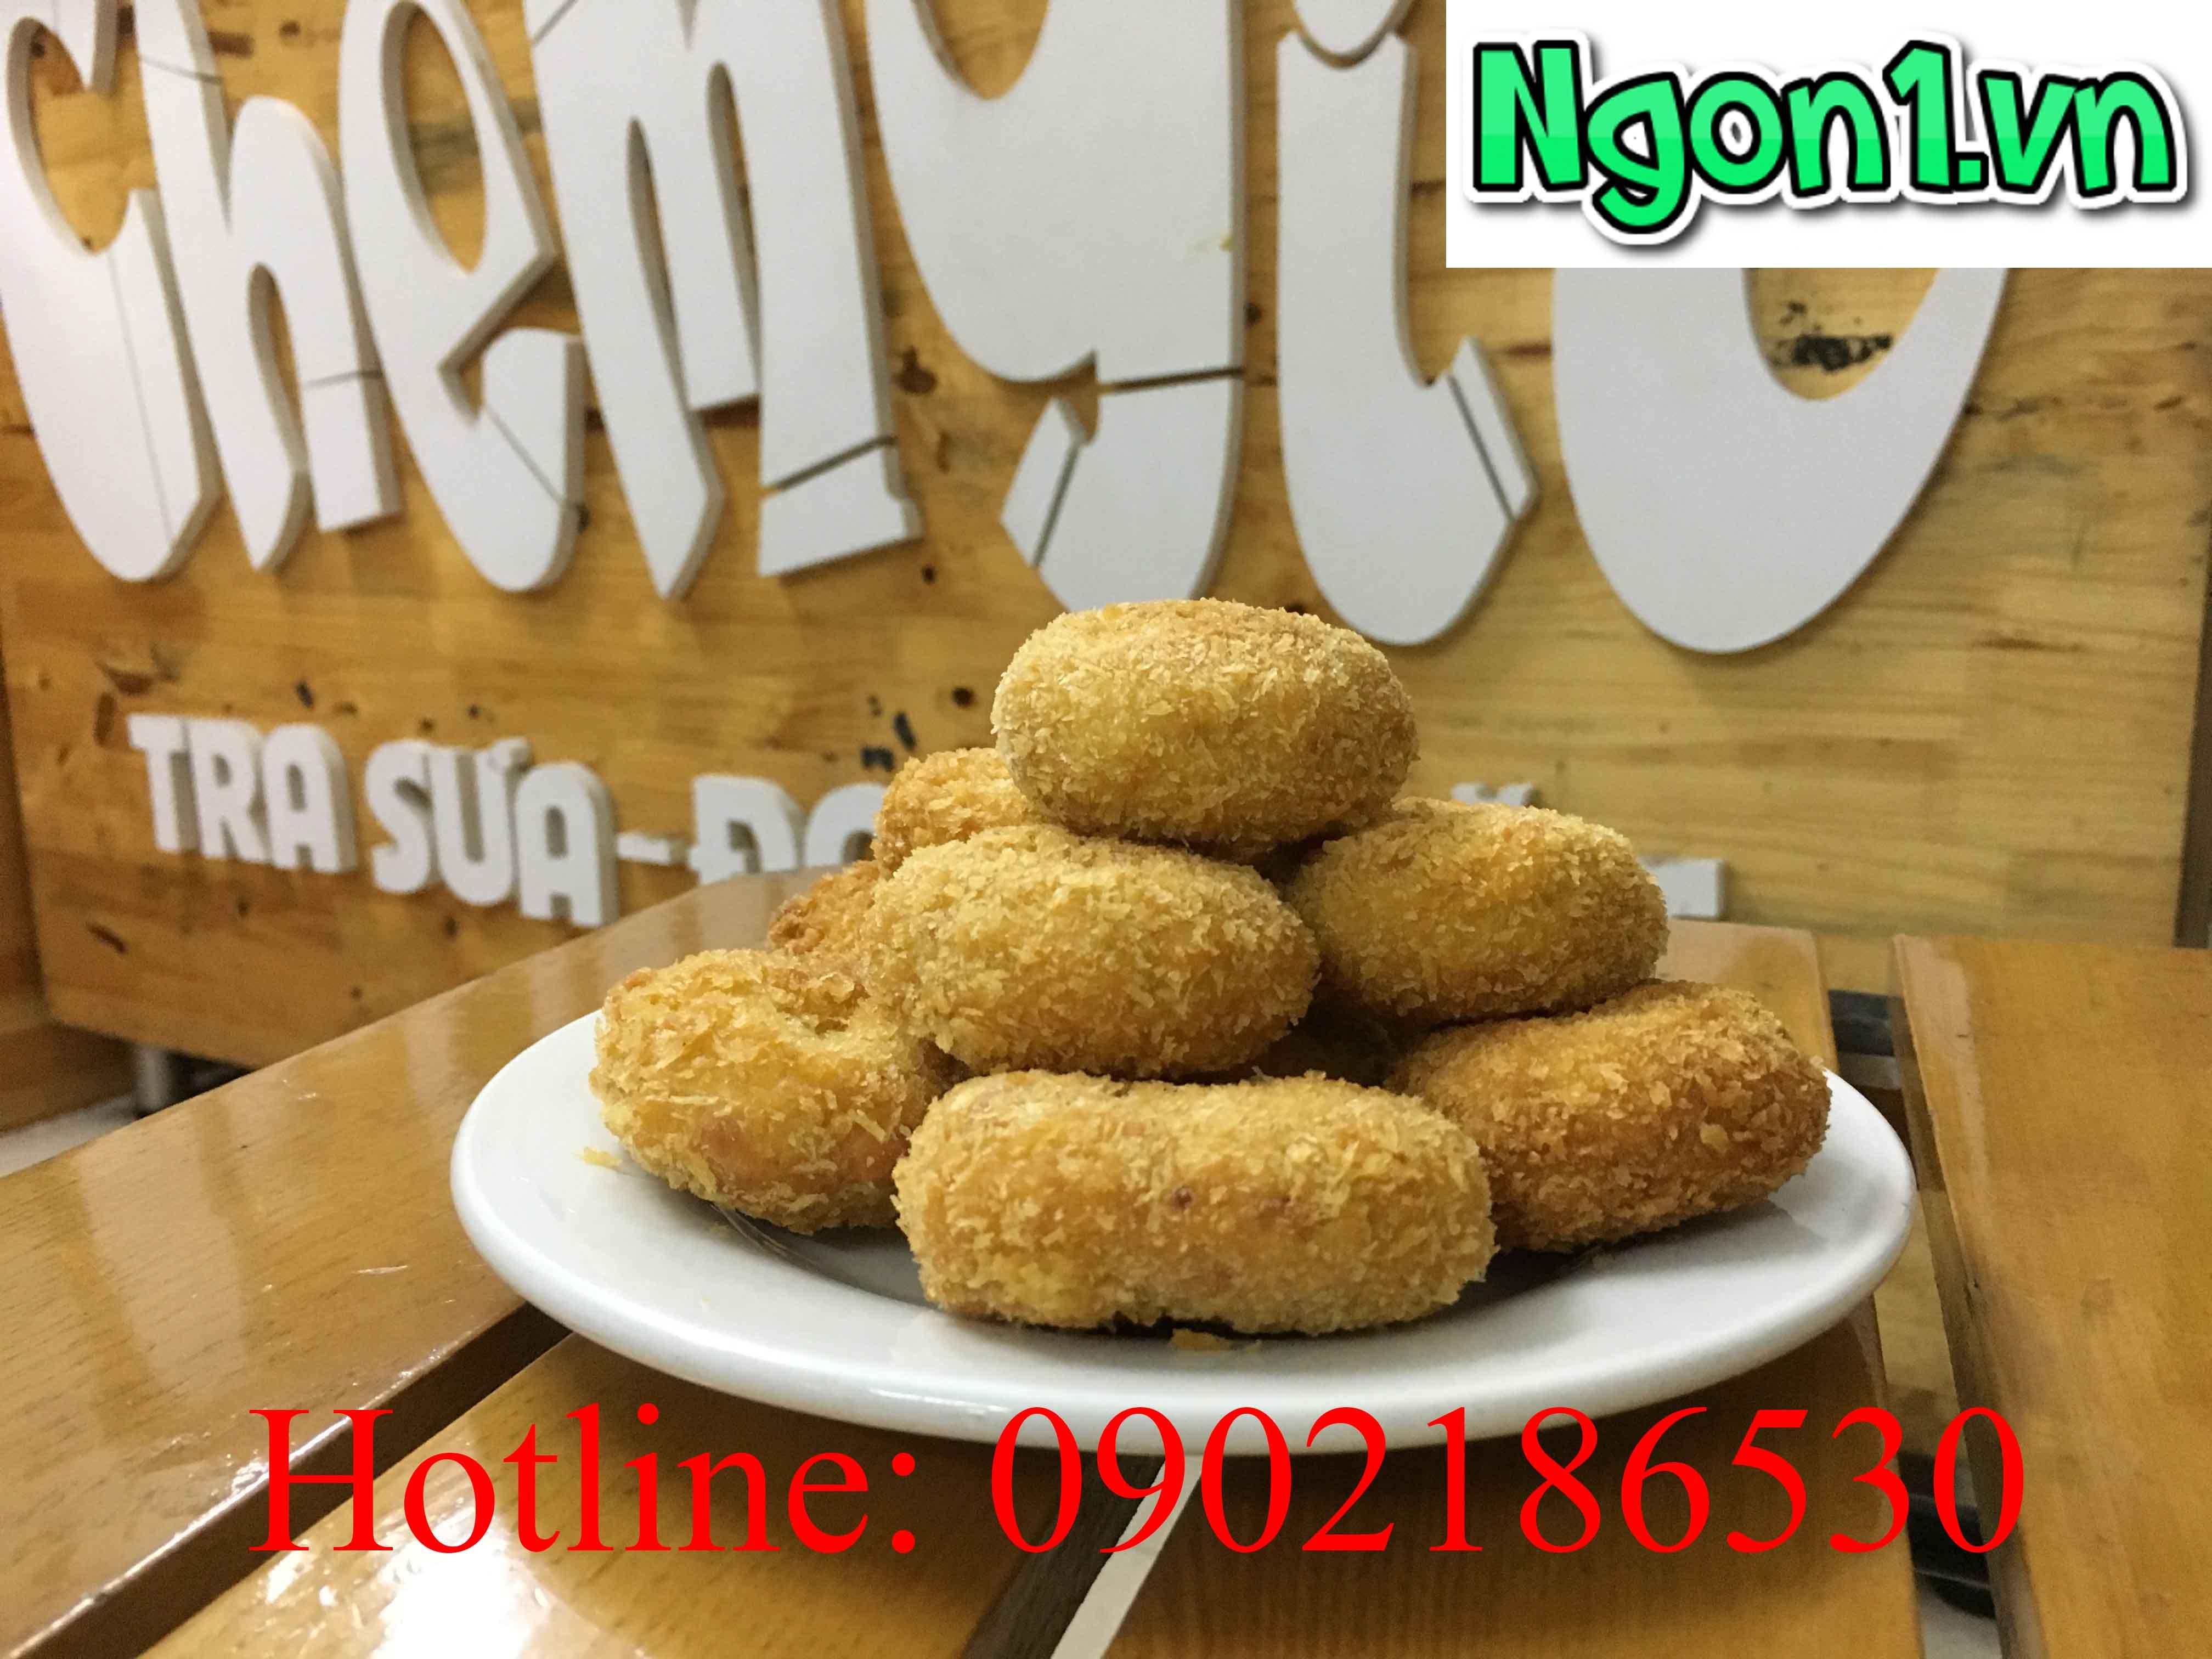 Bánh Gà thơm ngon - L/h mua bánh gà + đồ ăn vặt thơm ngon: 0902186530